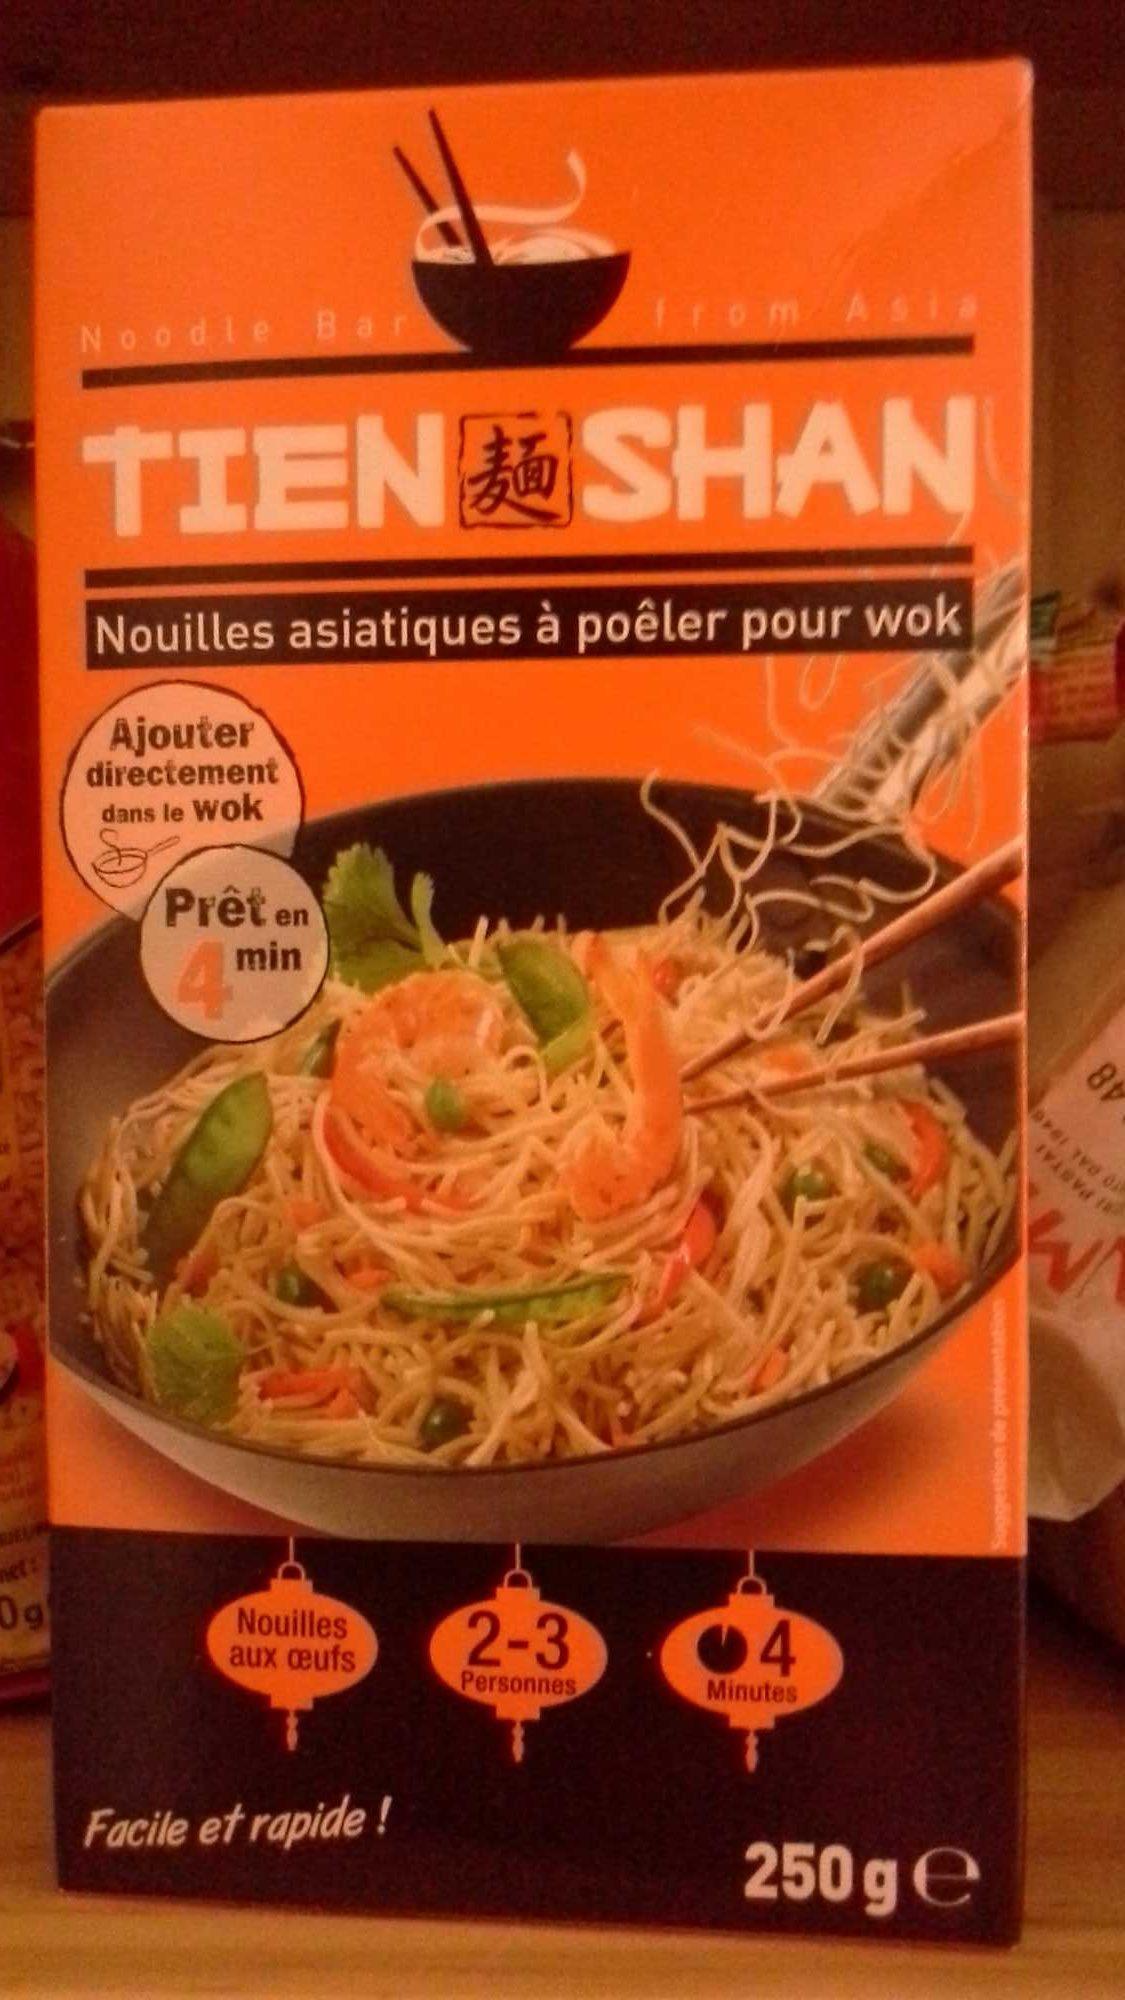 Nouilles asiatiques à poêler pour wok - Product - fr